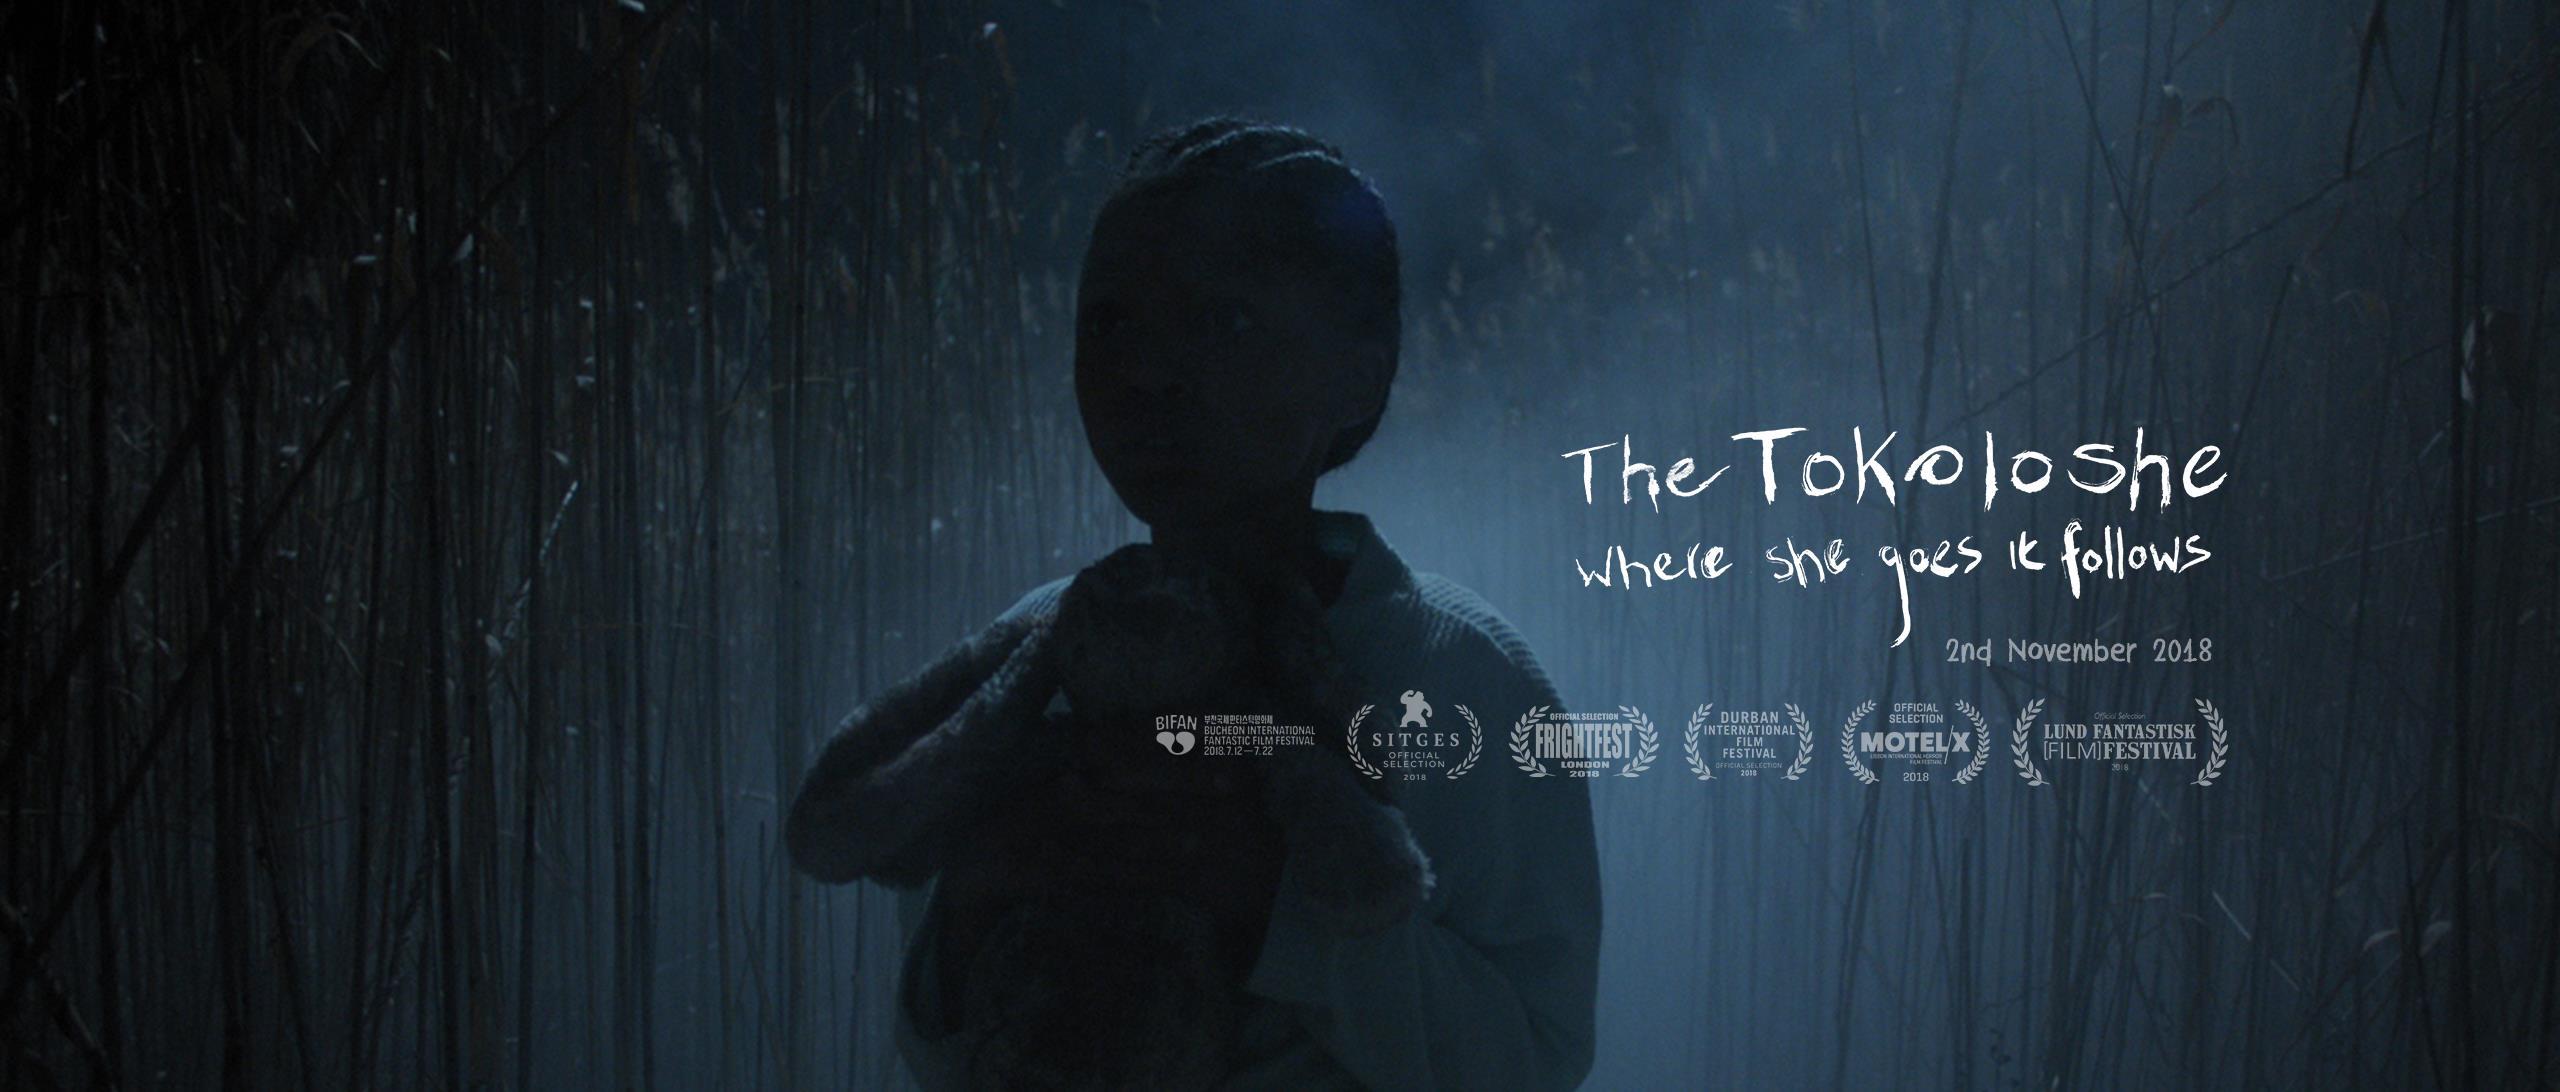 THE TOKOLOSHE film